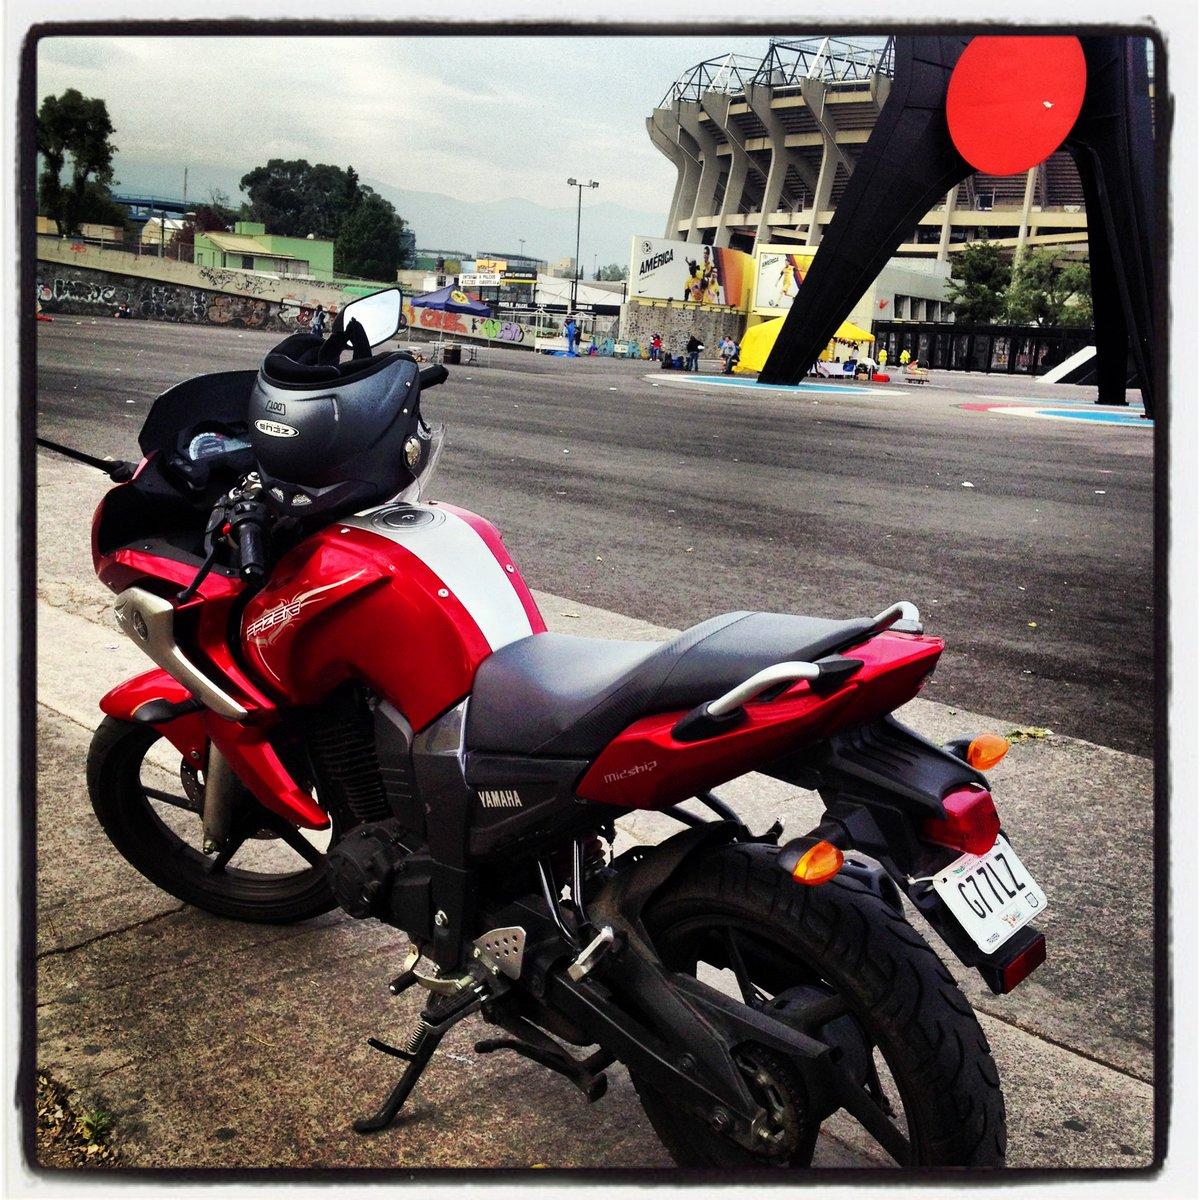 @ApoyoBiker #MotoRobada Yamaha Fazer16 Placas G77LZ robada en Villa Coapa. RT por favor.  No compren piezas usadas. https://t.co/AtpEiMIrTv